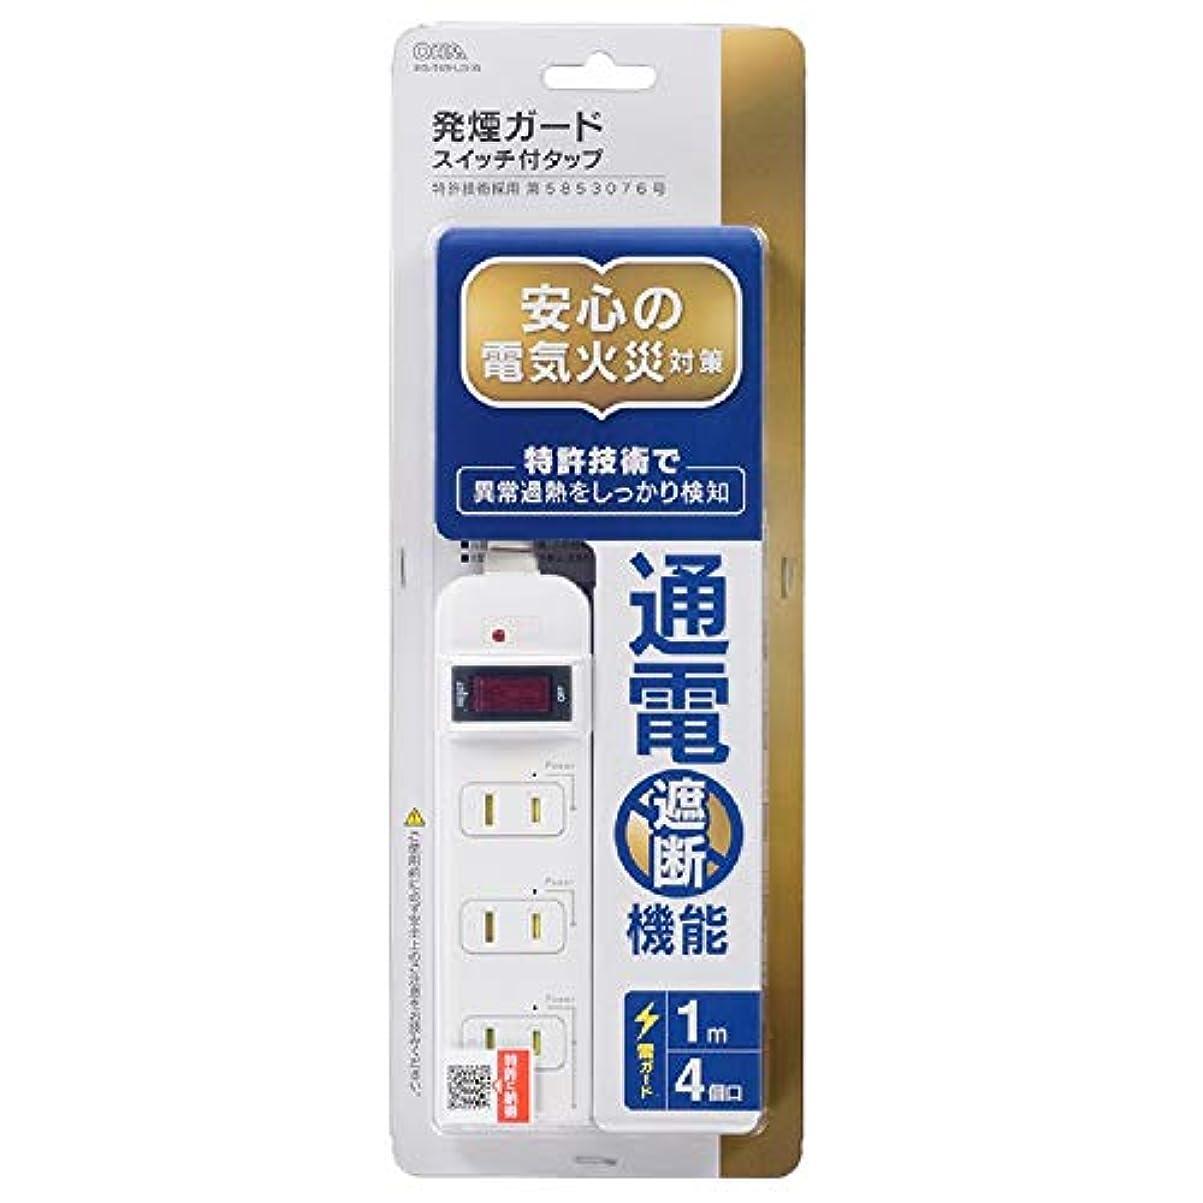 表面動無駄な発煙ガードスイッチ?雷ガード付安全タップ(4個口/1m) 00-2213